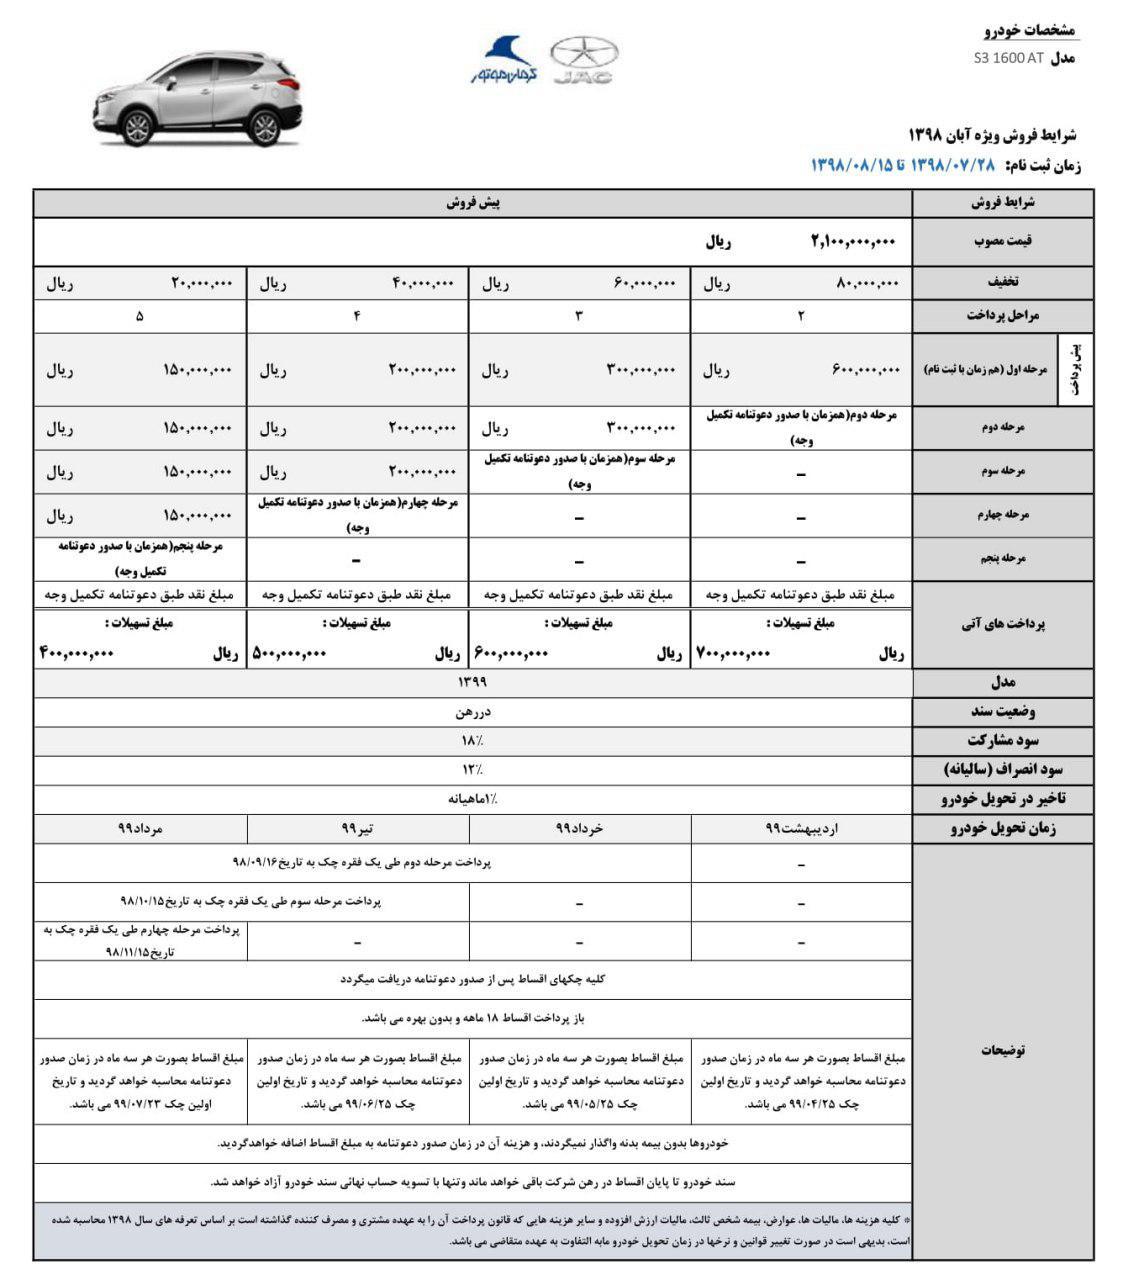 فروش اقساطی خودرو جک s3/ جدول 2